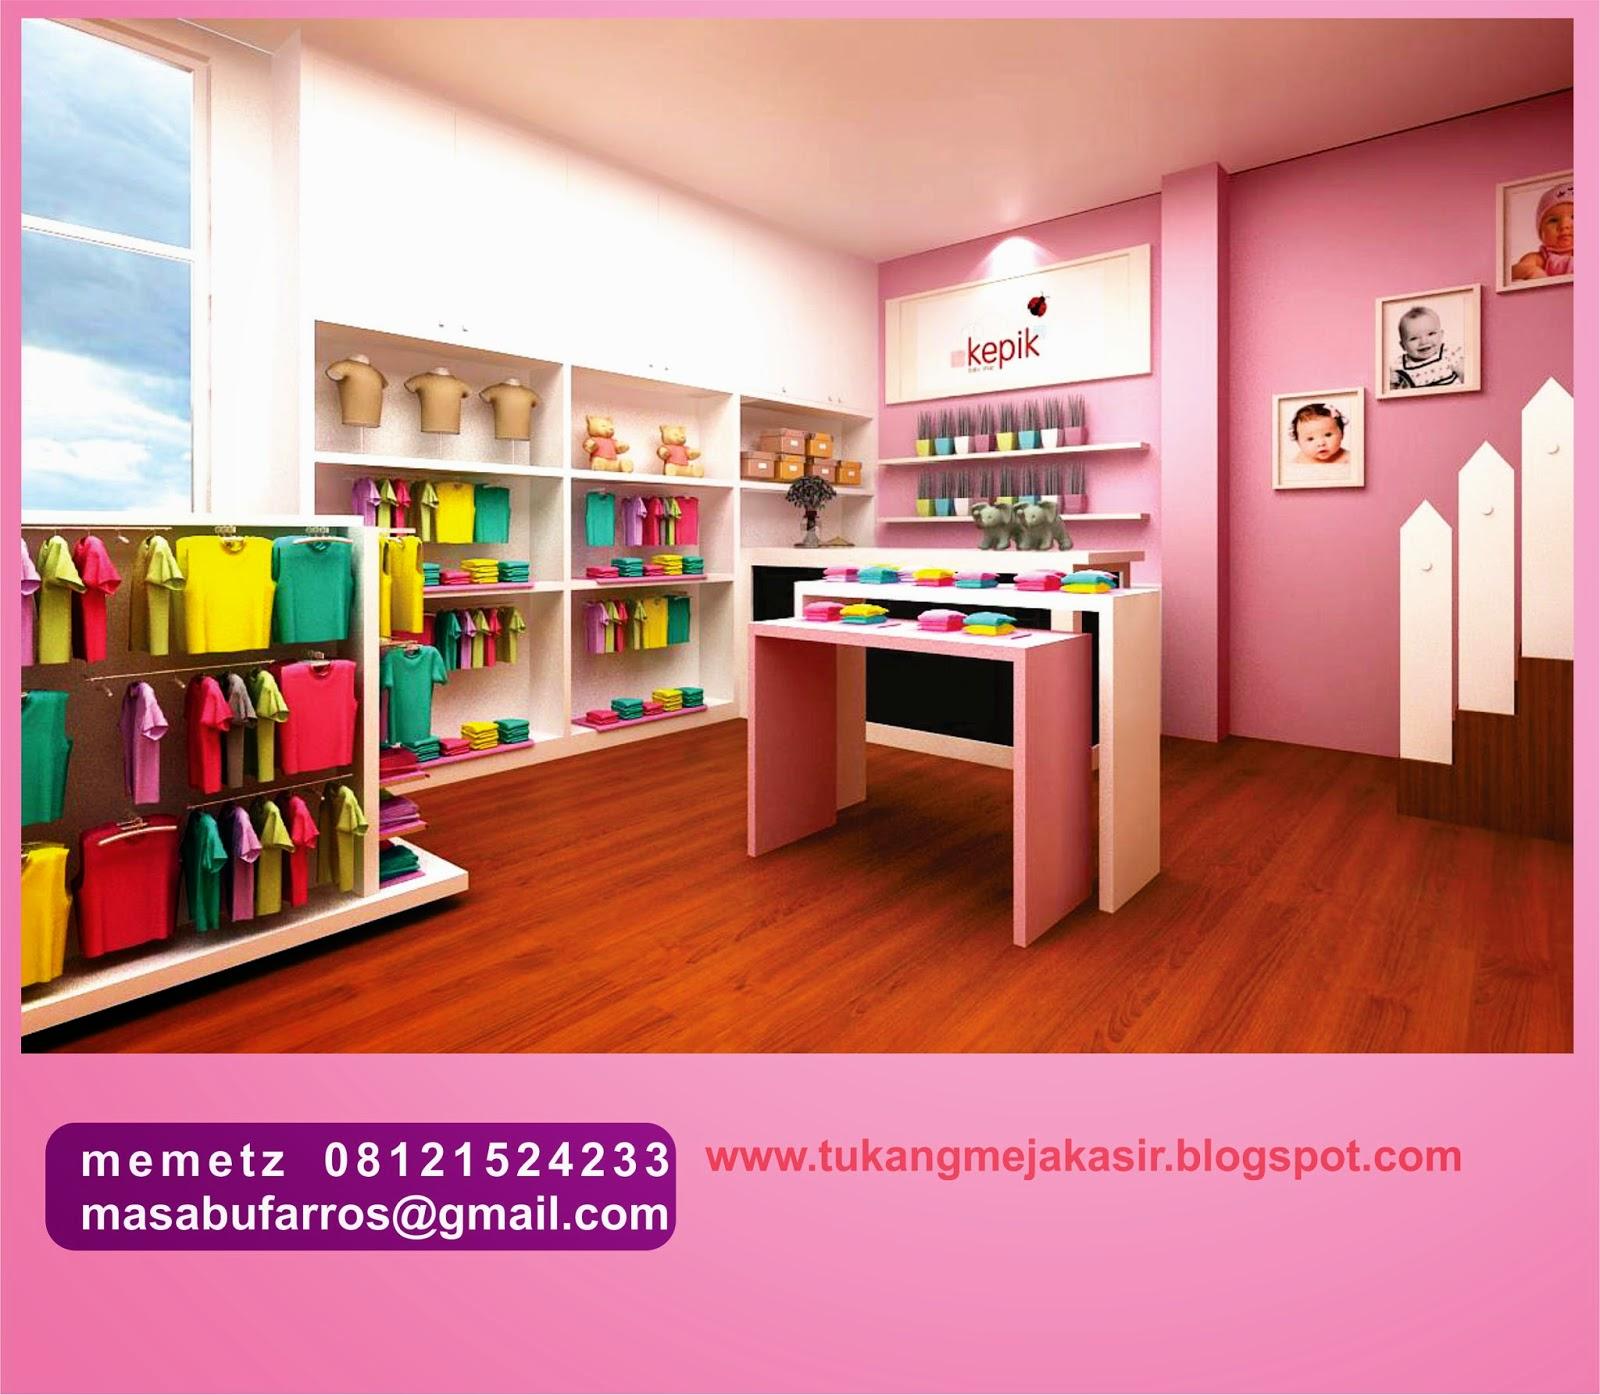 interior design & specialist meja kasir: baby shop design